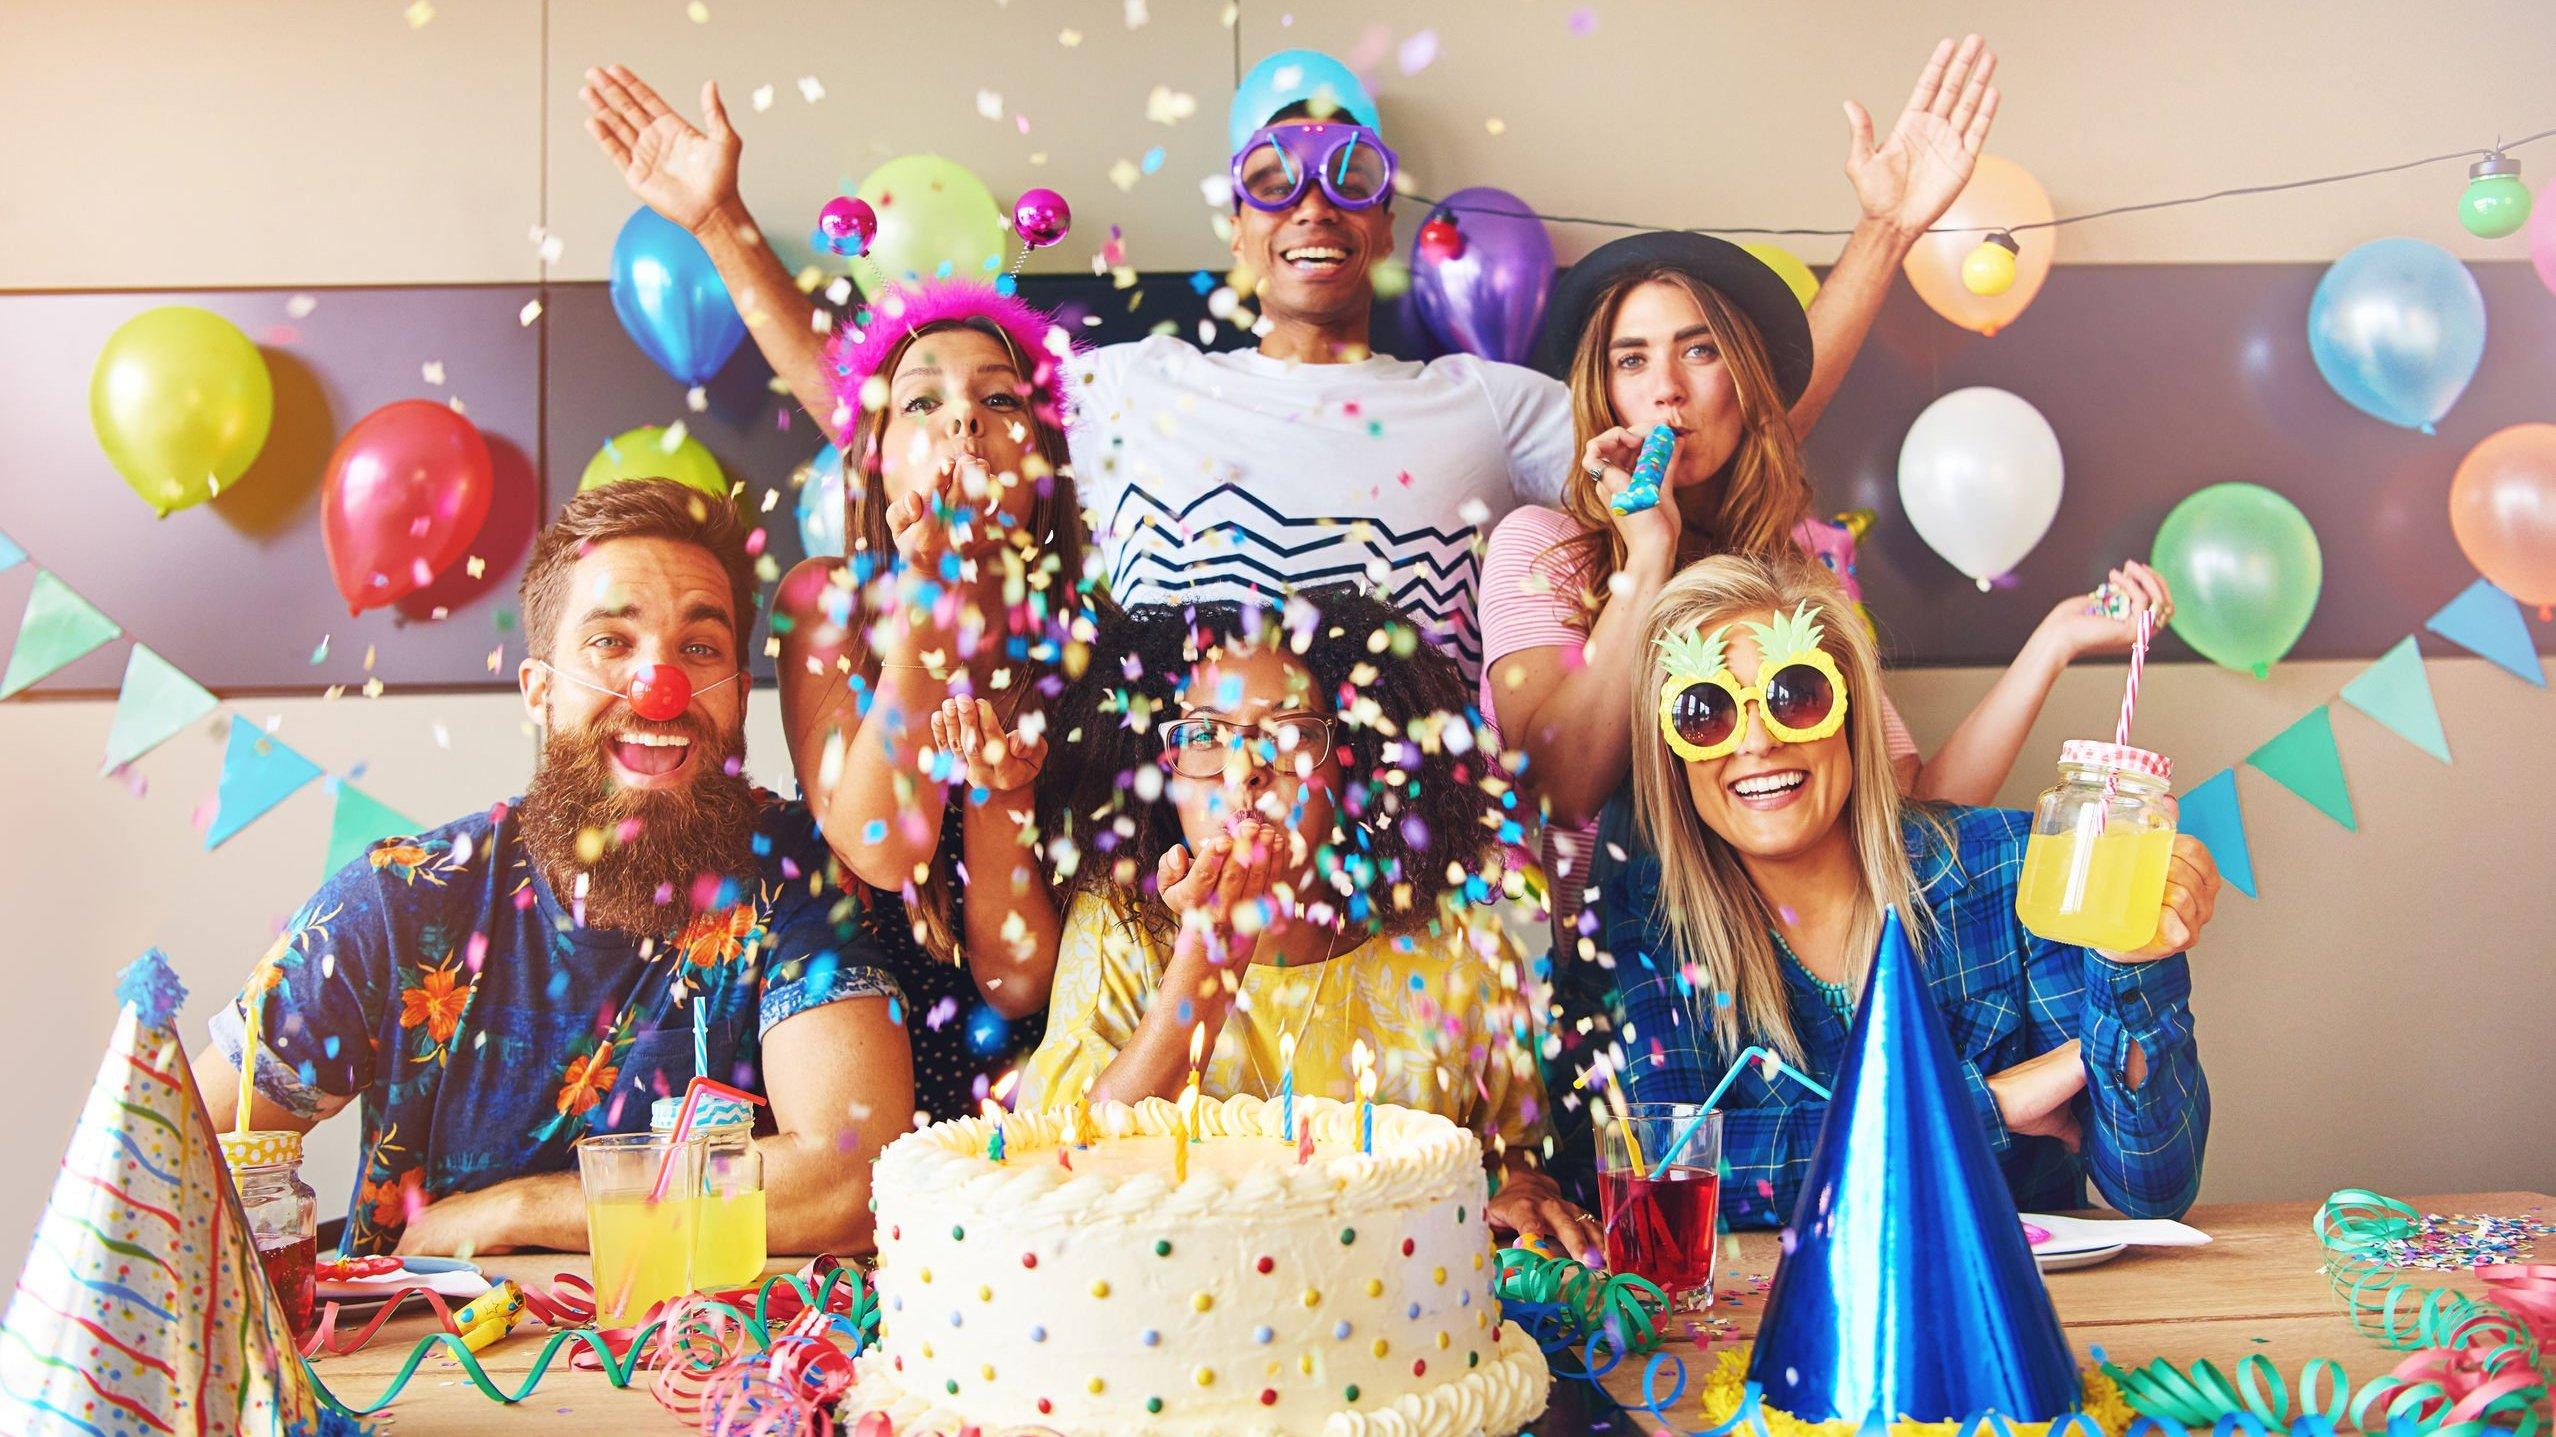 Grupo com seis pessoas usando máscaras e acessórios de festa comemora atrás de um bolo de aniversário.